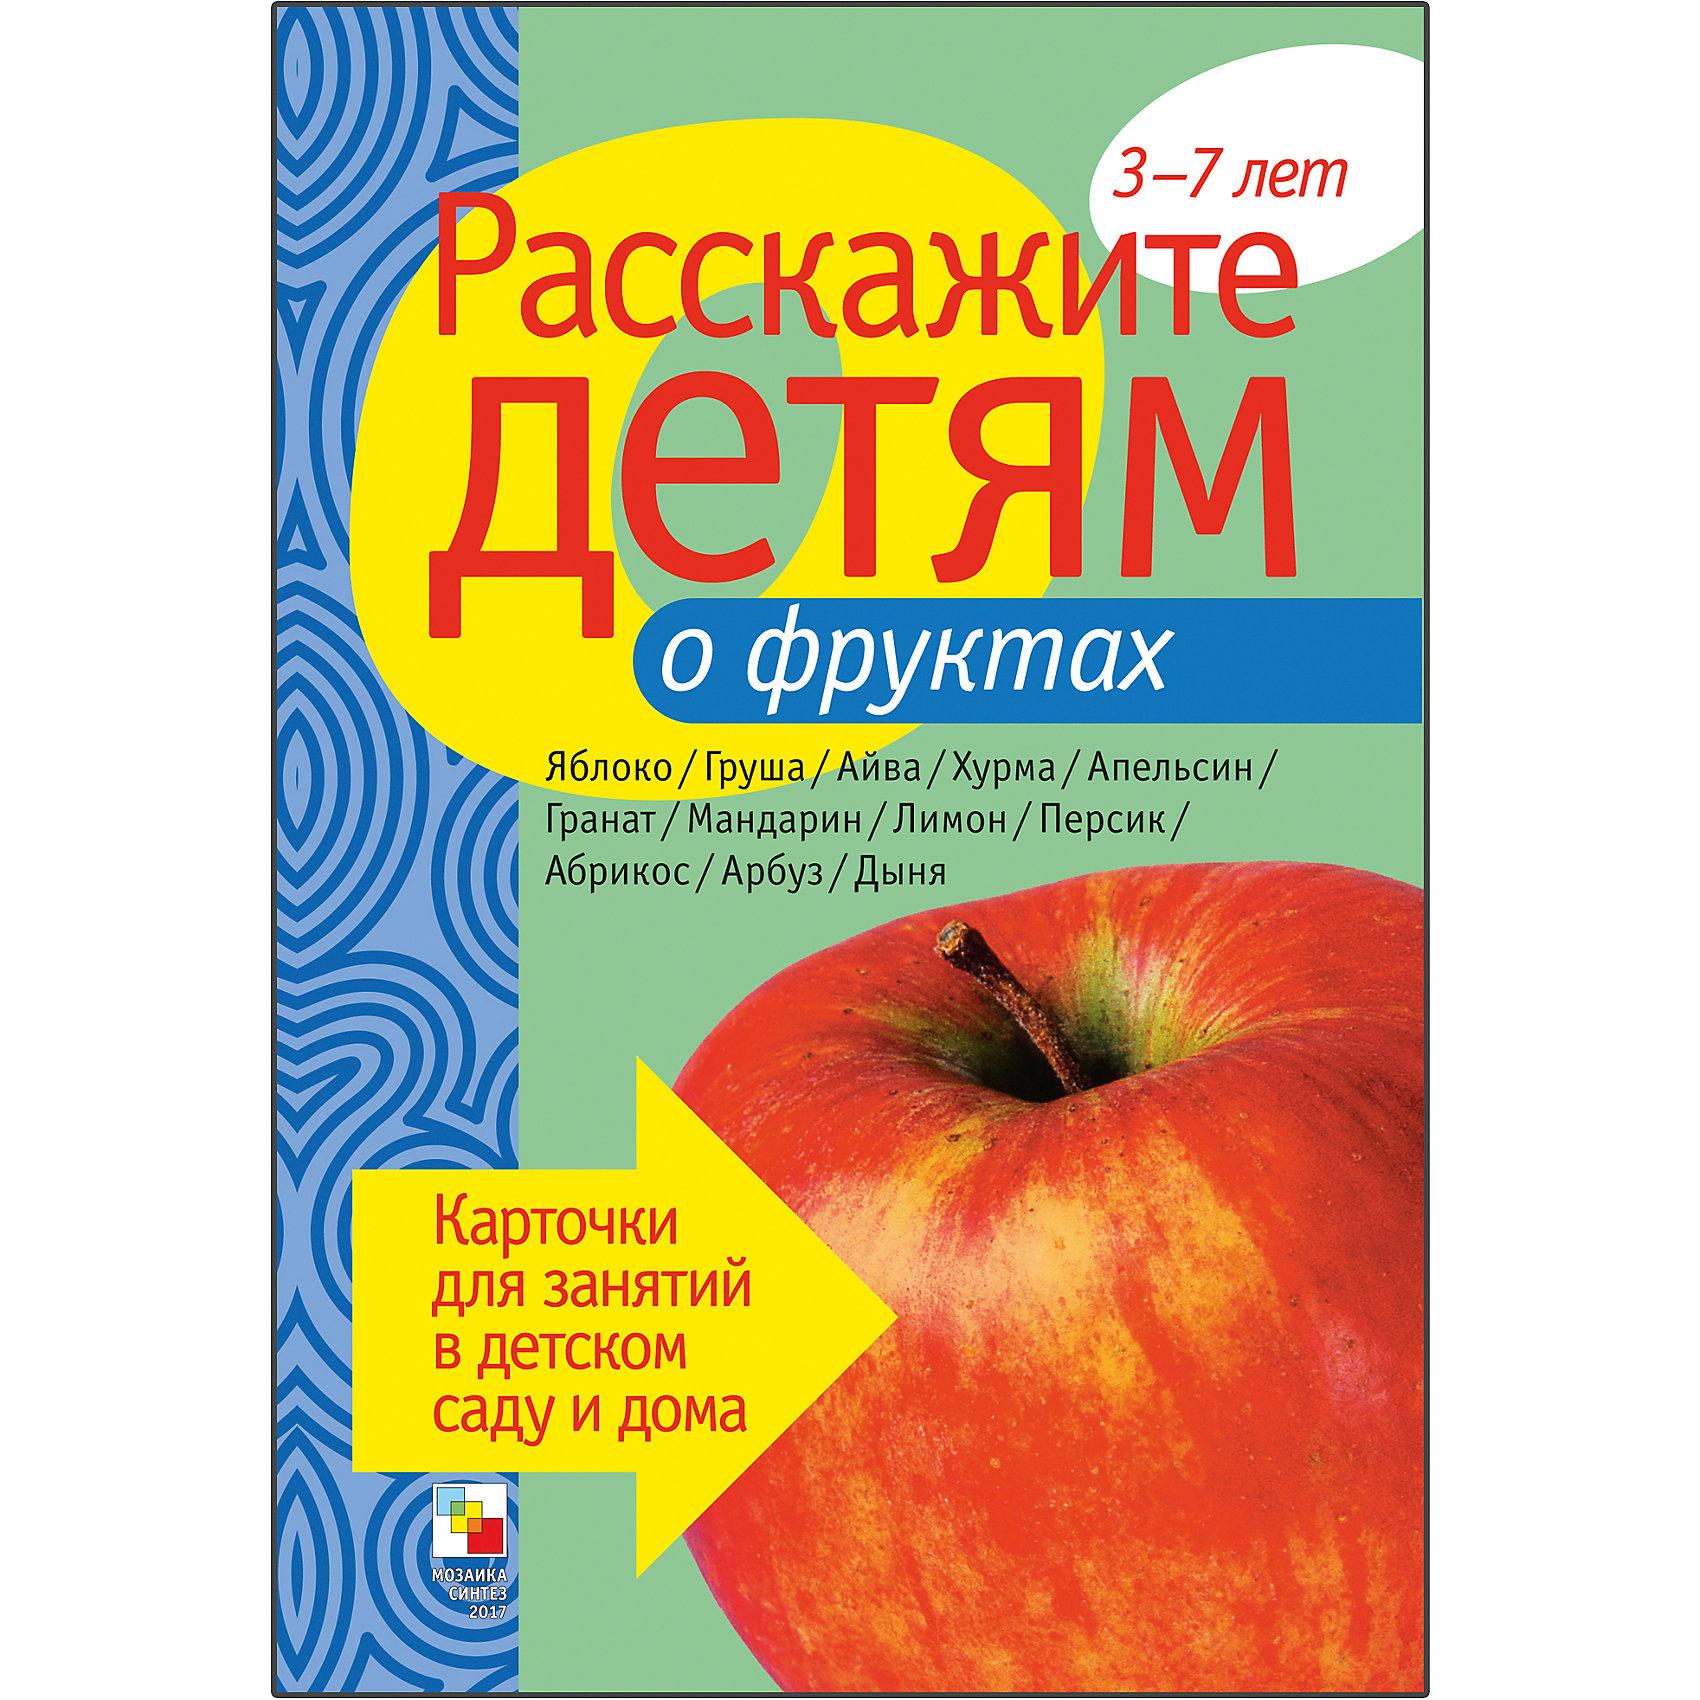 Пособие Расскажите детям о фруктах, Мозаика-СинтезПособие Расскажите детям о фруктах, Мозаика-Синтез.<br><br>Характеристики:<br><br>• Издательство: МОЗАИКА-СИНТЕЗ<br>• ISBN: 9785867754716<br>• Тип: папка с карточками, обложка твердая.<br>• Возраст: от 3-7 лет.<br>• Размер книги: 210х150х5 мм.<br>• Количество страниц: 12<br><br>Яркие картинки помогут расширить знания малыша о фруктах, растущих в нашей стране: яблоках, грушах, абрикосах и т.д. На оборотной стороне каждой картинки содержится занимательная информация о каждом фрукте, собраны стихи, загадки, пословицы и поговорки. Ребенок узнает, какие полезные вещества и витамины содержатся во фруктах.<br><br>Пособие Расскажите детям о фруктах, Мозаика-Синтез, можно купить в нашем интернет – магазине.<br><br>Ширина мм: 5<br>Глубина мм: 150<br>Высота мм: 210<br>Вес г: 83<br>Возраст от месяцев: 36<br>Возраст до месяцев: 84<br>Пол: Унисекс<br>Возраст: Детский<br>SKU: 5428928